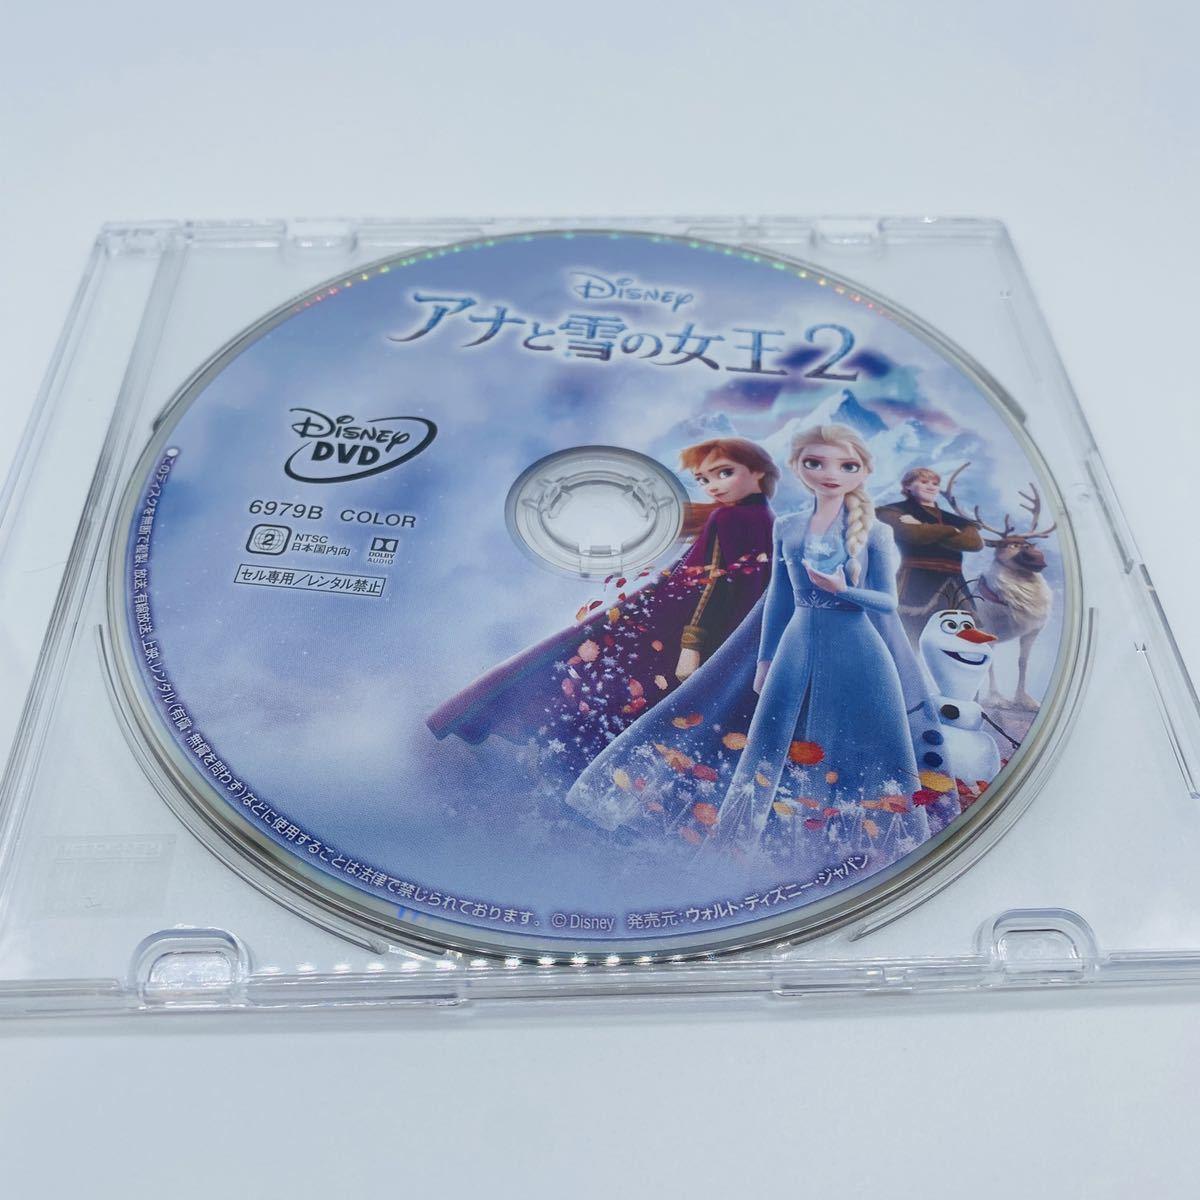 未使用品 アナと雪の女王2 DVDのみ 送料無料 メール便 ディズニー Disney 映画 キッズ ファミリー アニメ